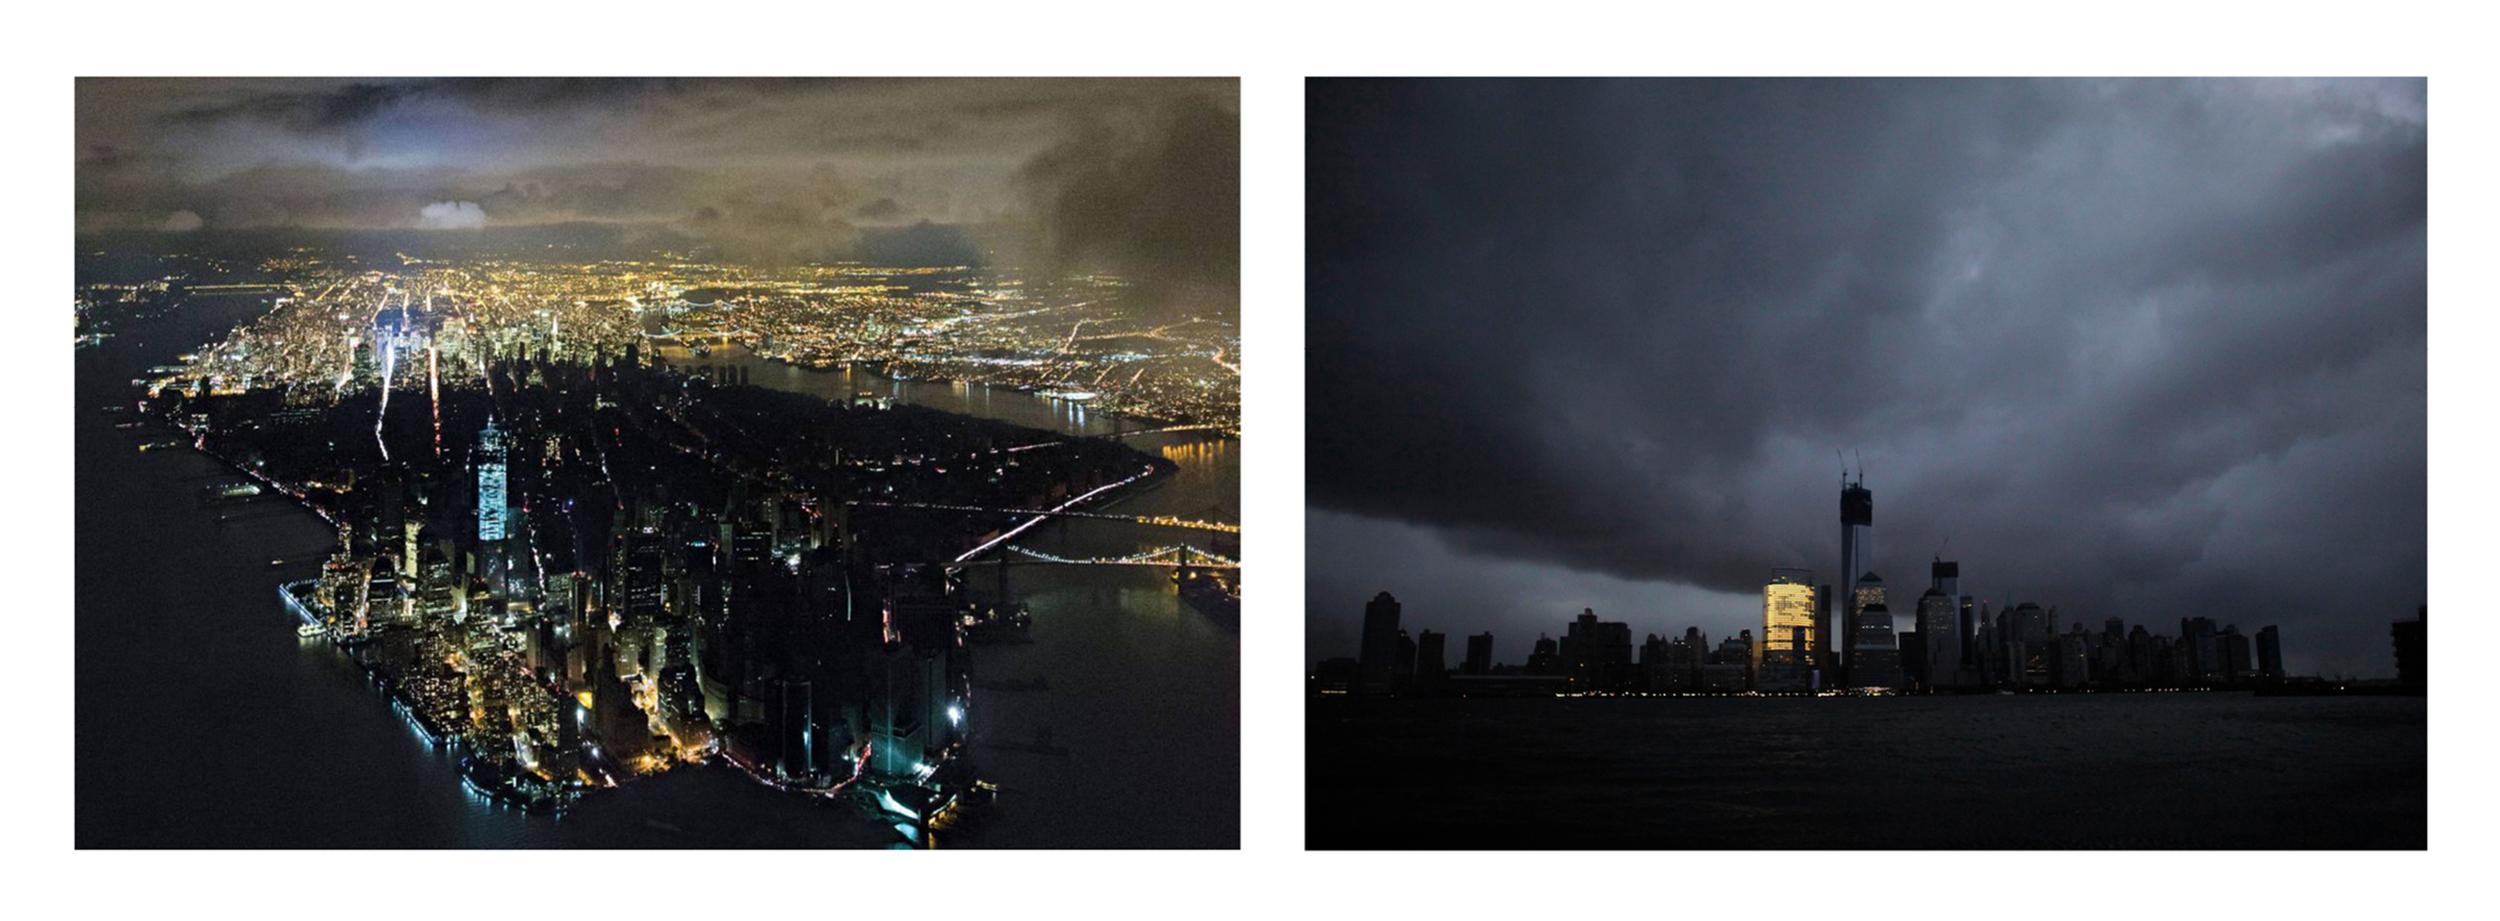 Manhattan After Hurricane Sandy. Left: Iwan Baan. Right: Reuters